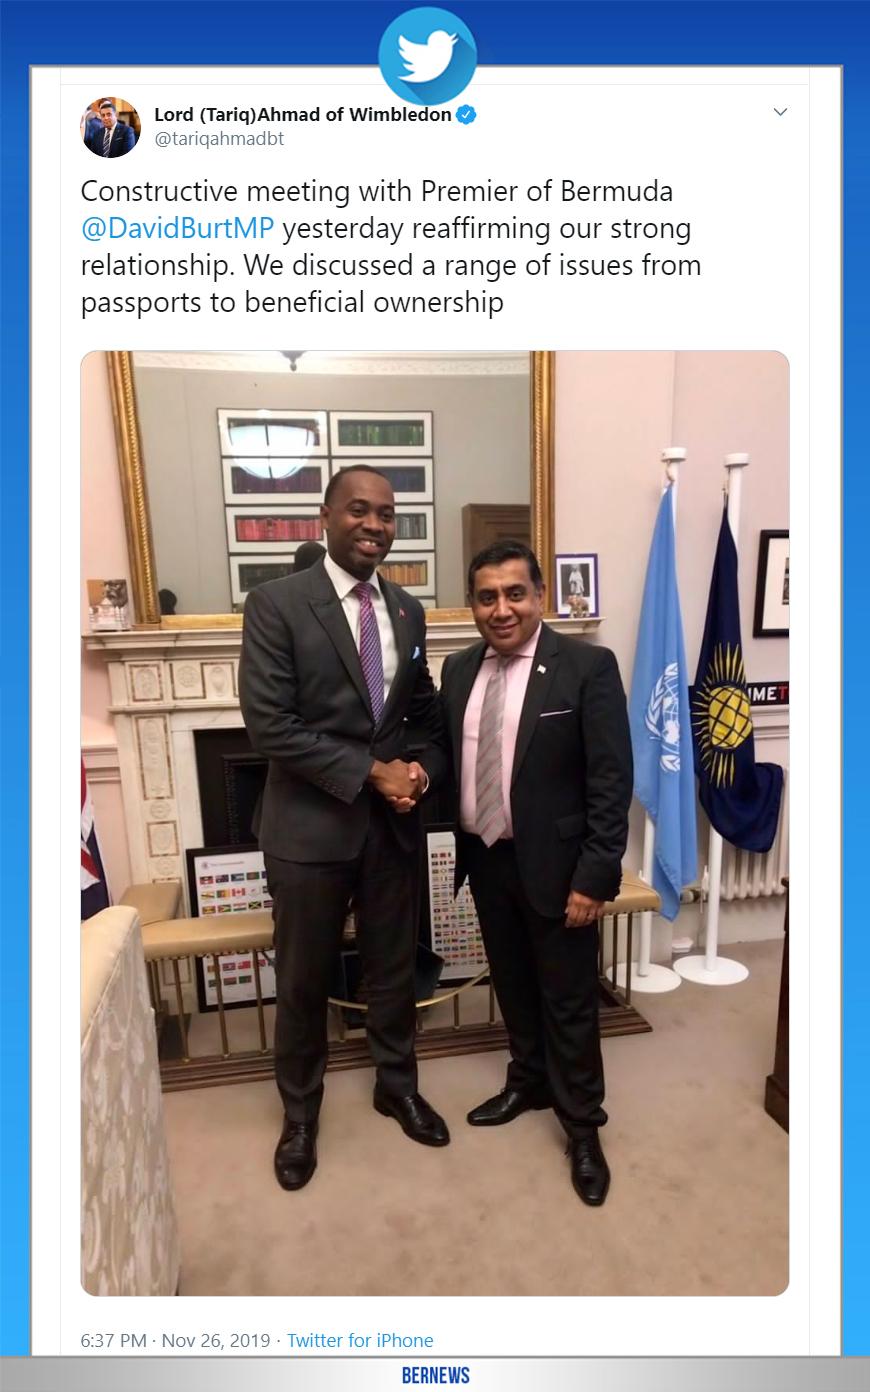 Lord (Tariq)Ahmad of Wimbledon tweet Bermuda Nov 26 2019